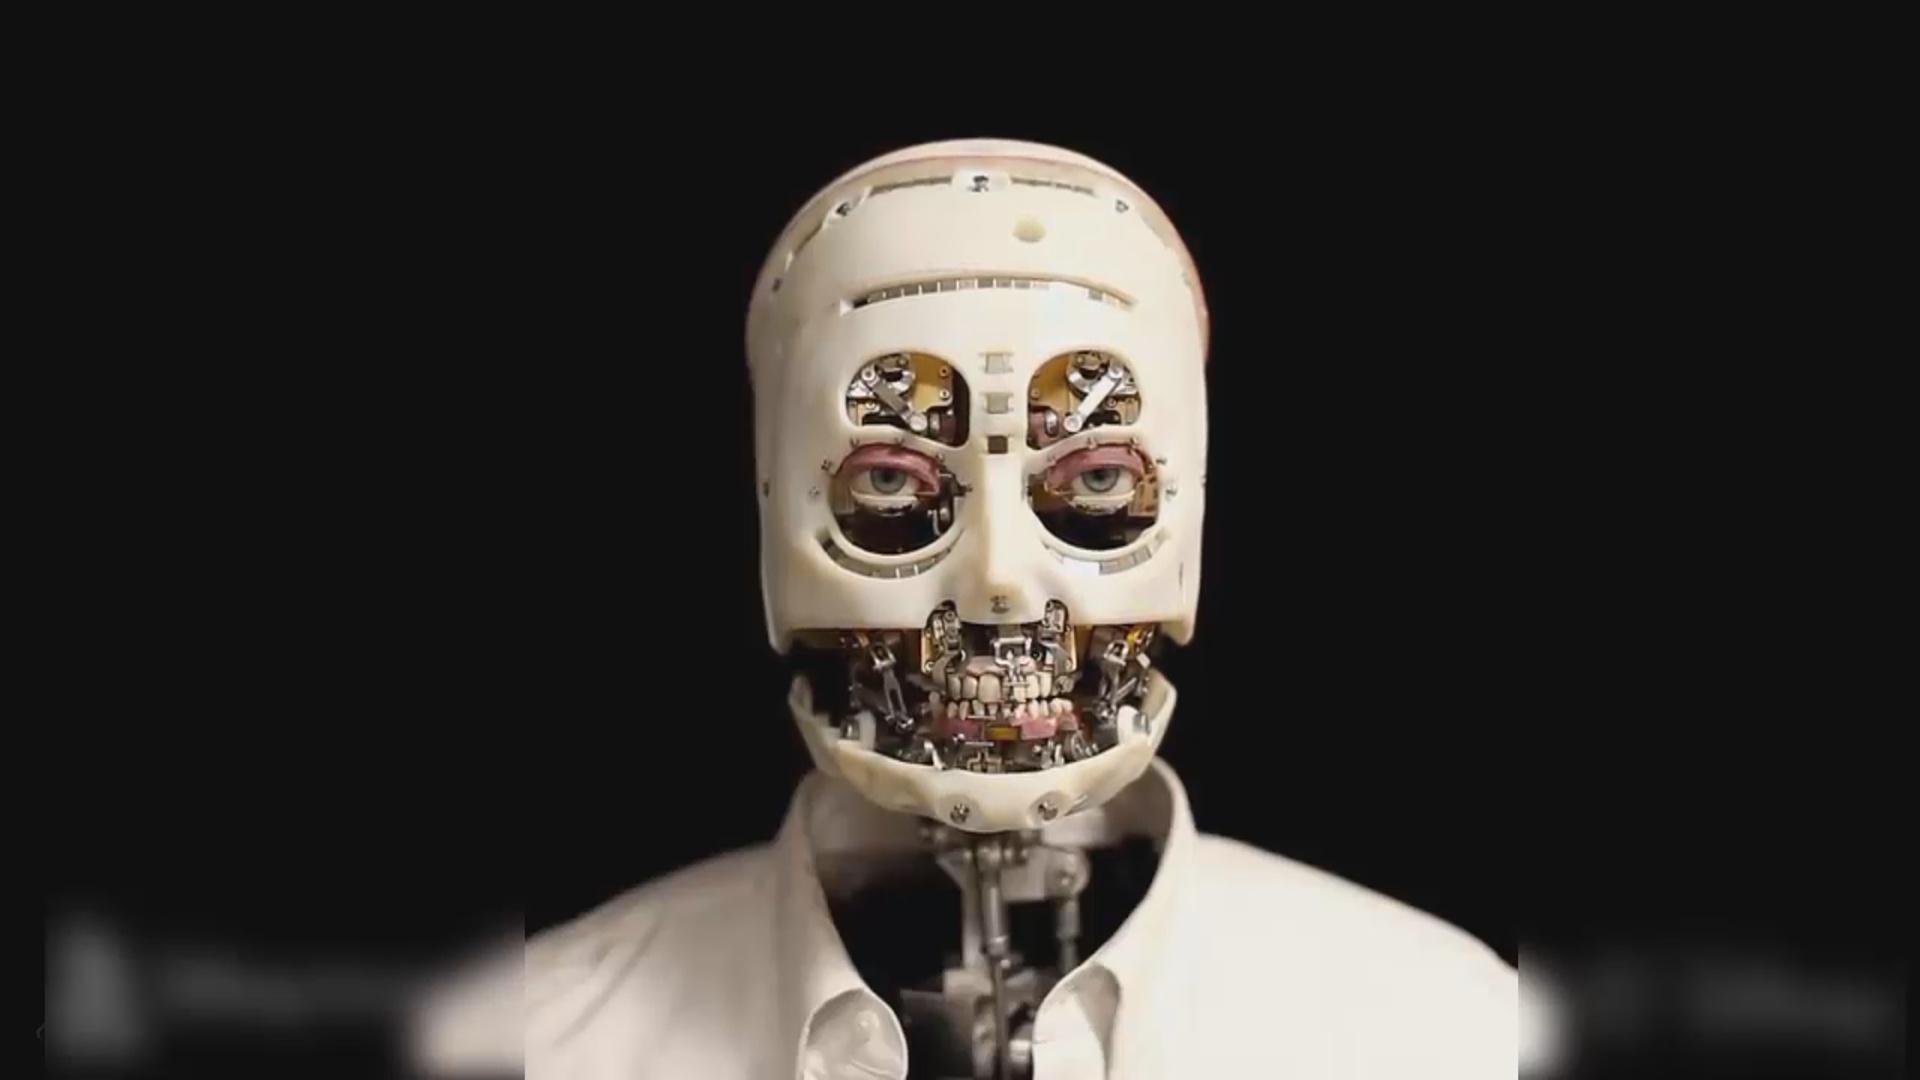 Məşhur şirkət insan baxışına malik robot yaradıb